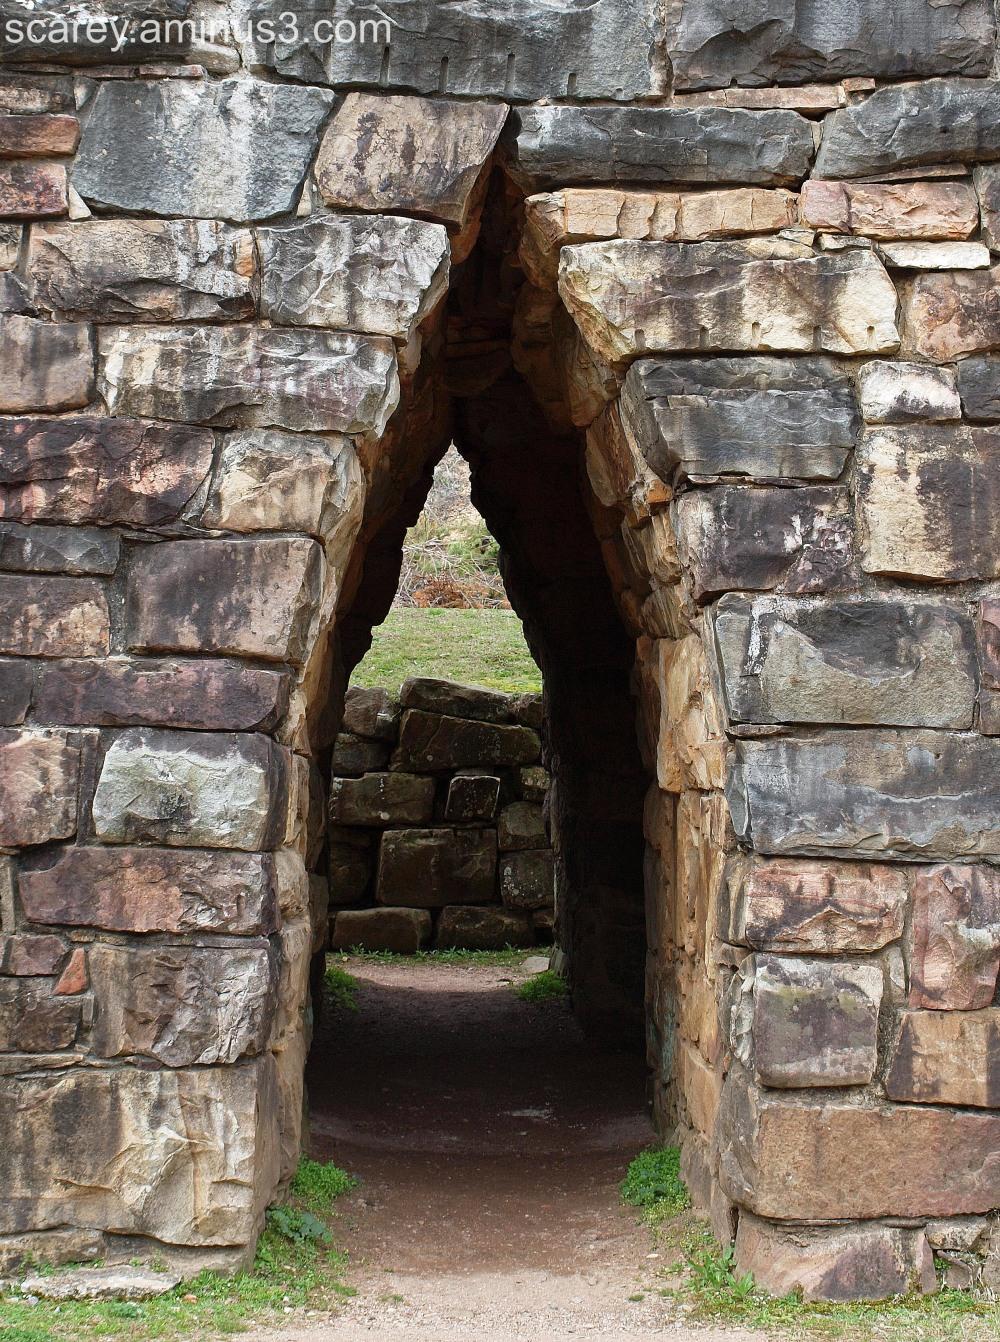 Stonework at Tannehill State Park, Alabama